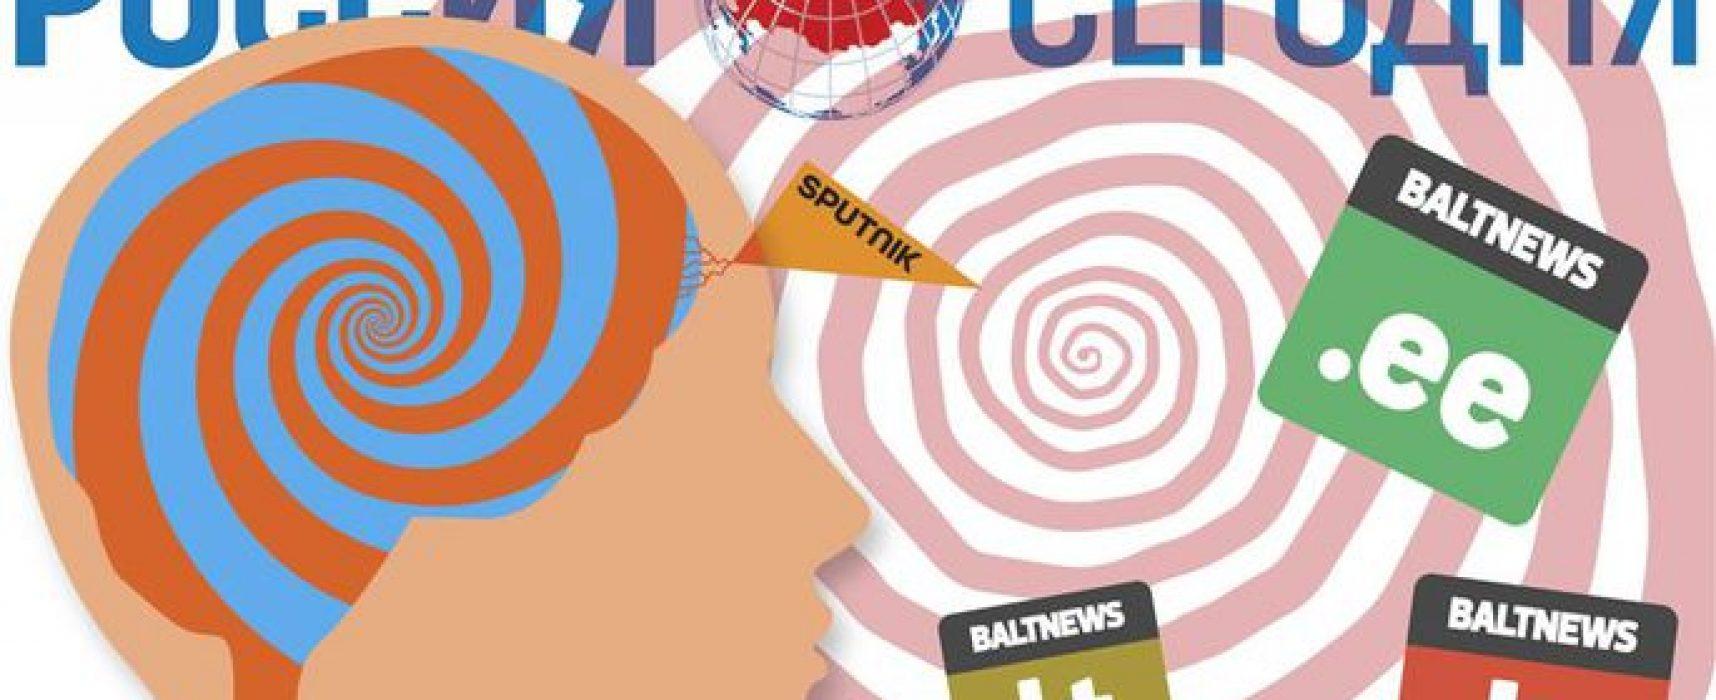 Так работает Baltnews: «темники» из Москвы, суммы, приказы и строгая отчетность